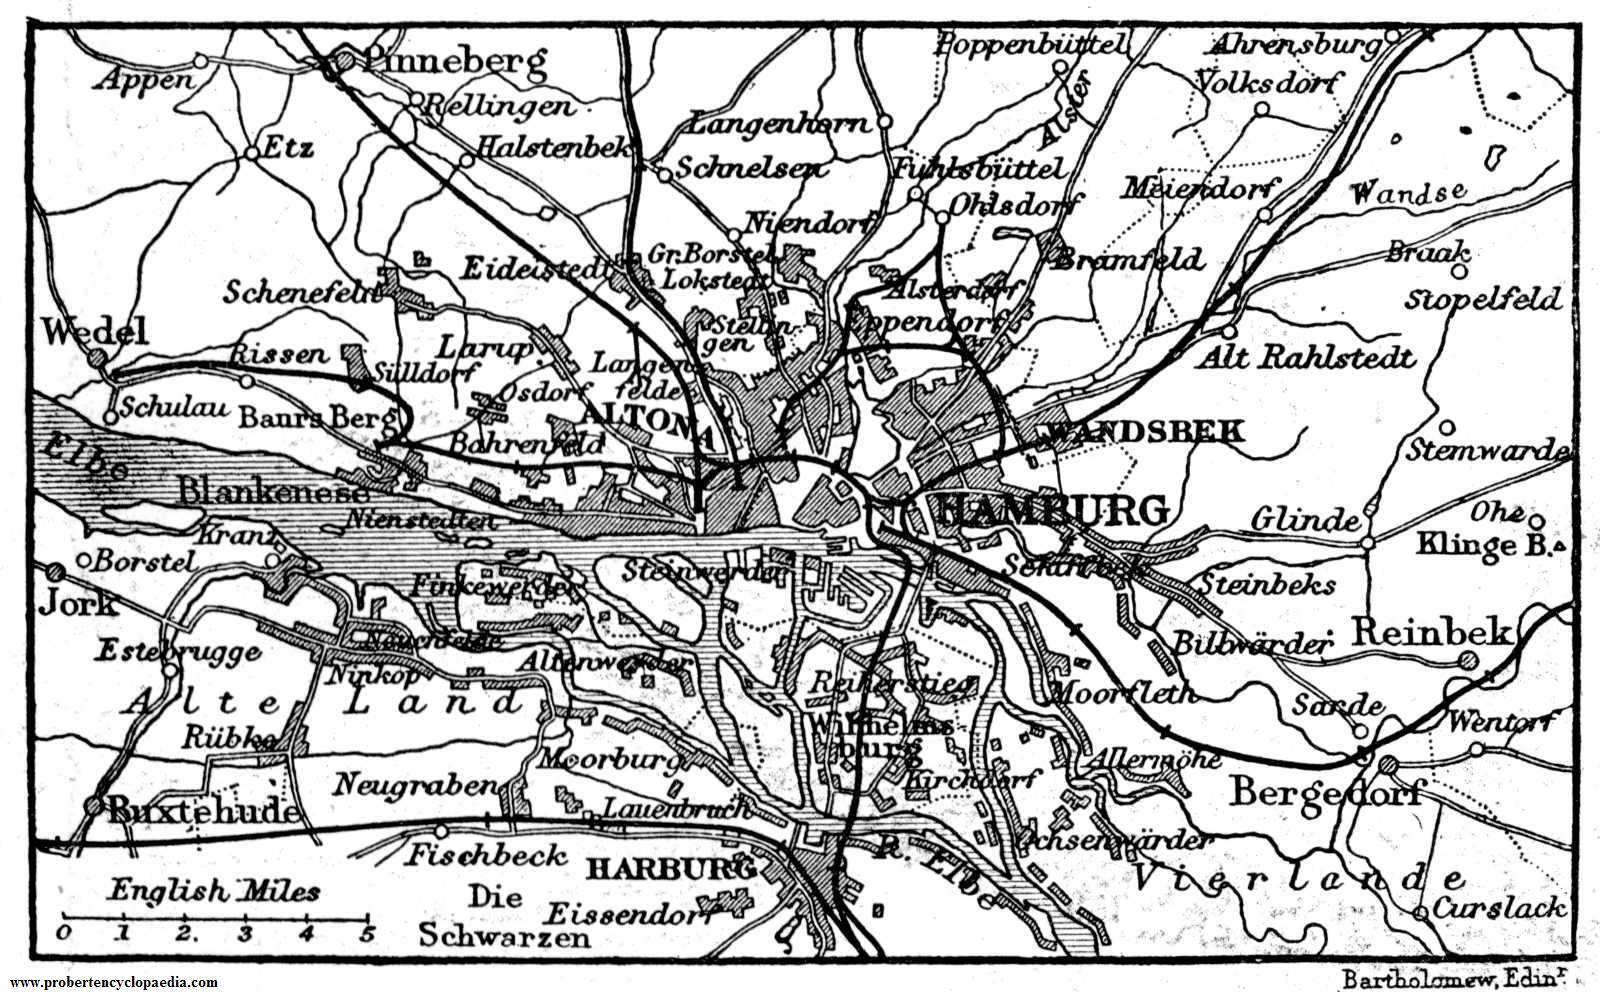 Hamburg and its environs 1906